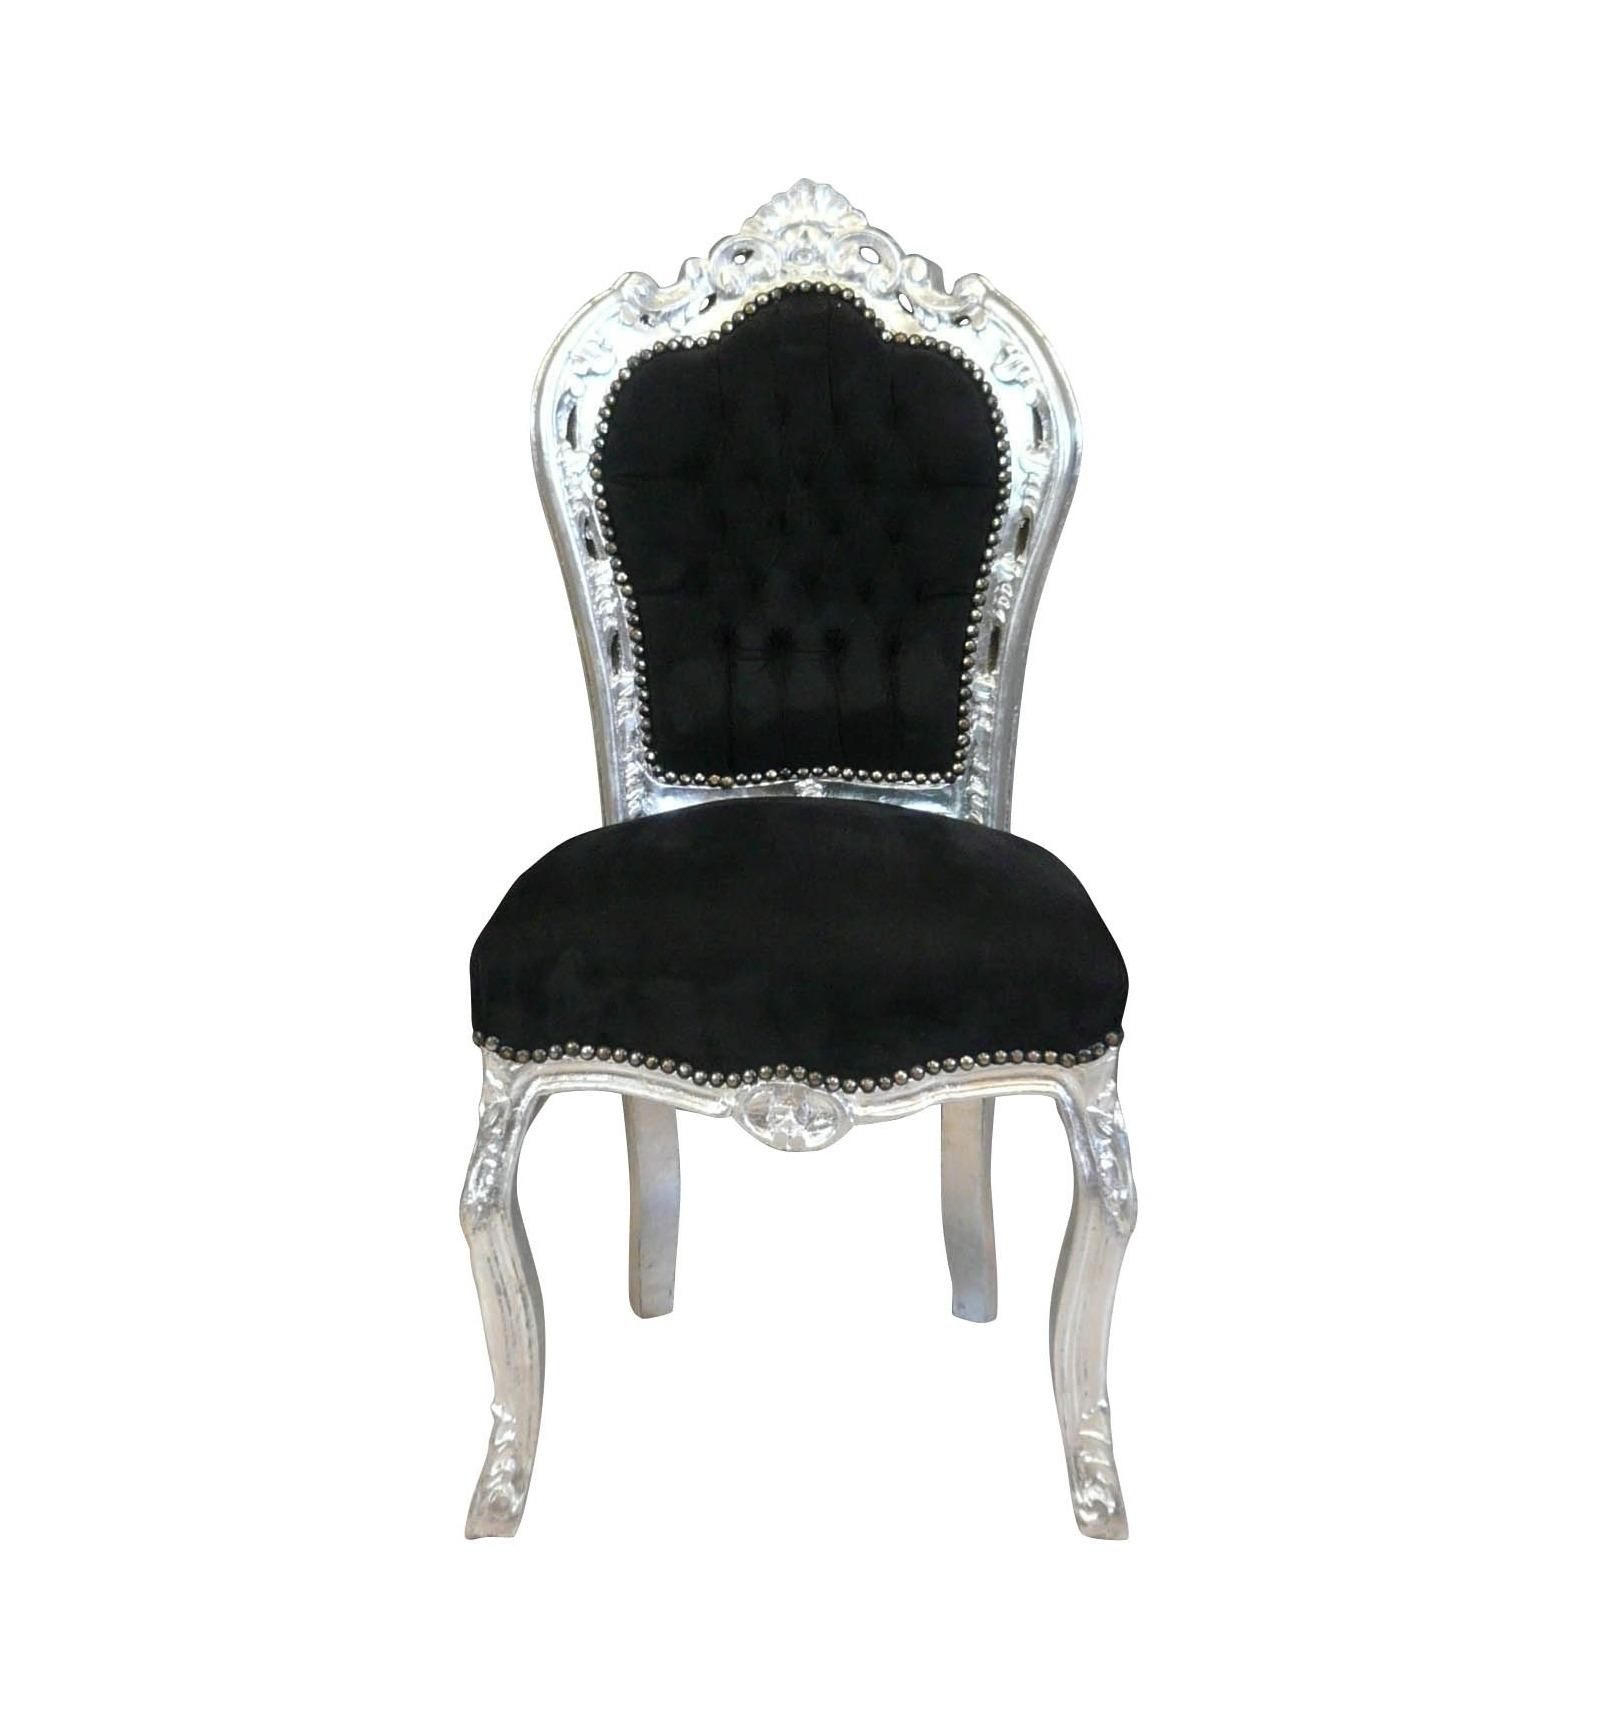 chaise baroque noire et argent avec un tissu velours. Black Bedroom Furniture Sets. Home Design Ideas